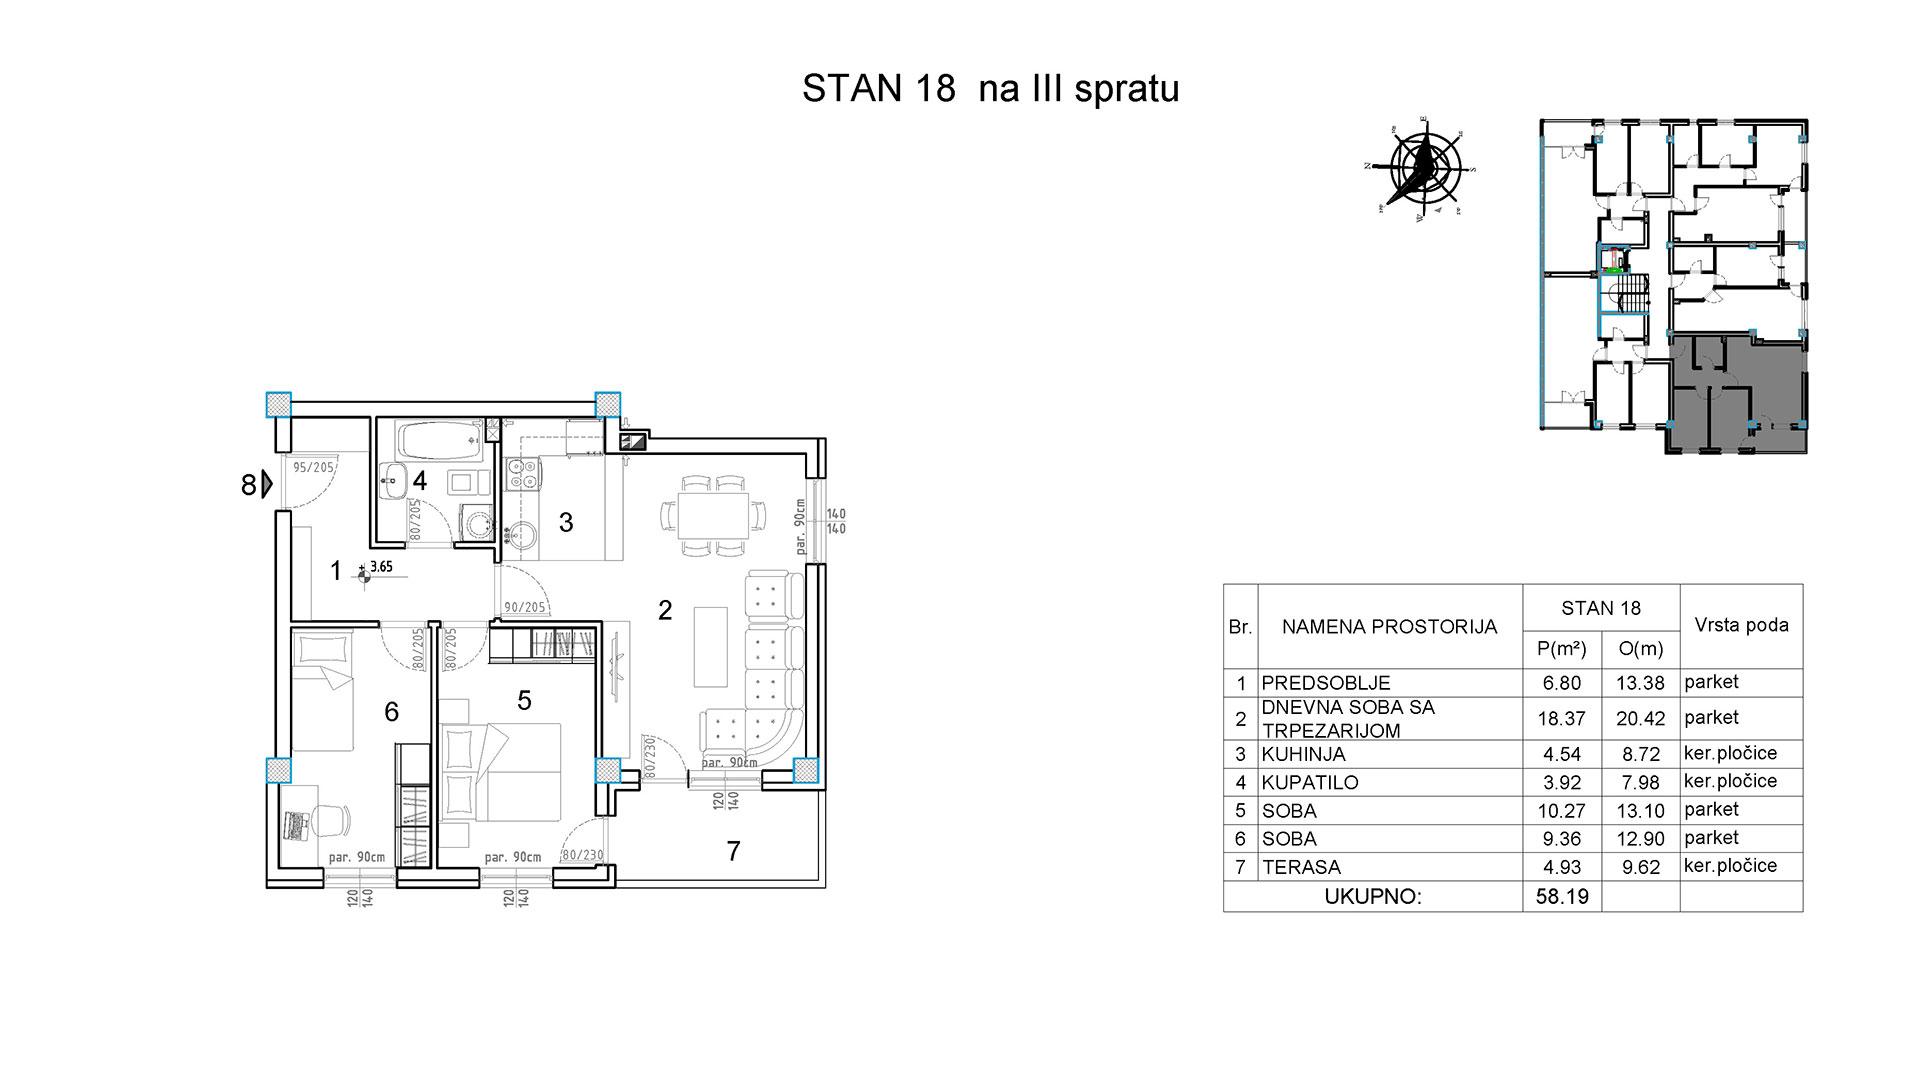 Objekat u Borivoja Stevanovica bb - Stan 18